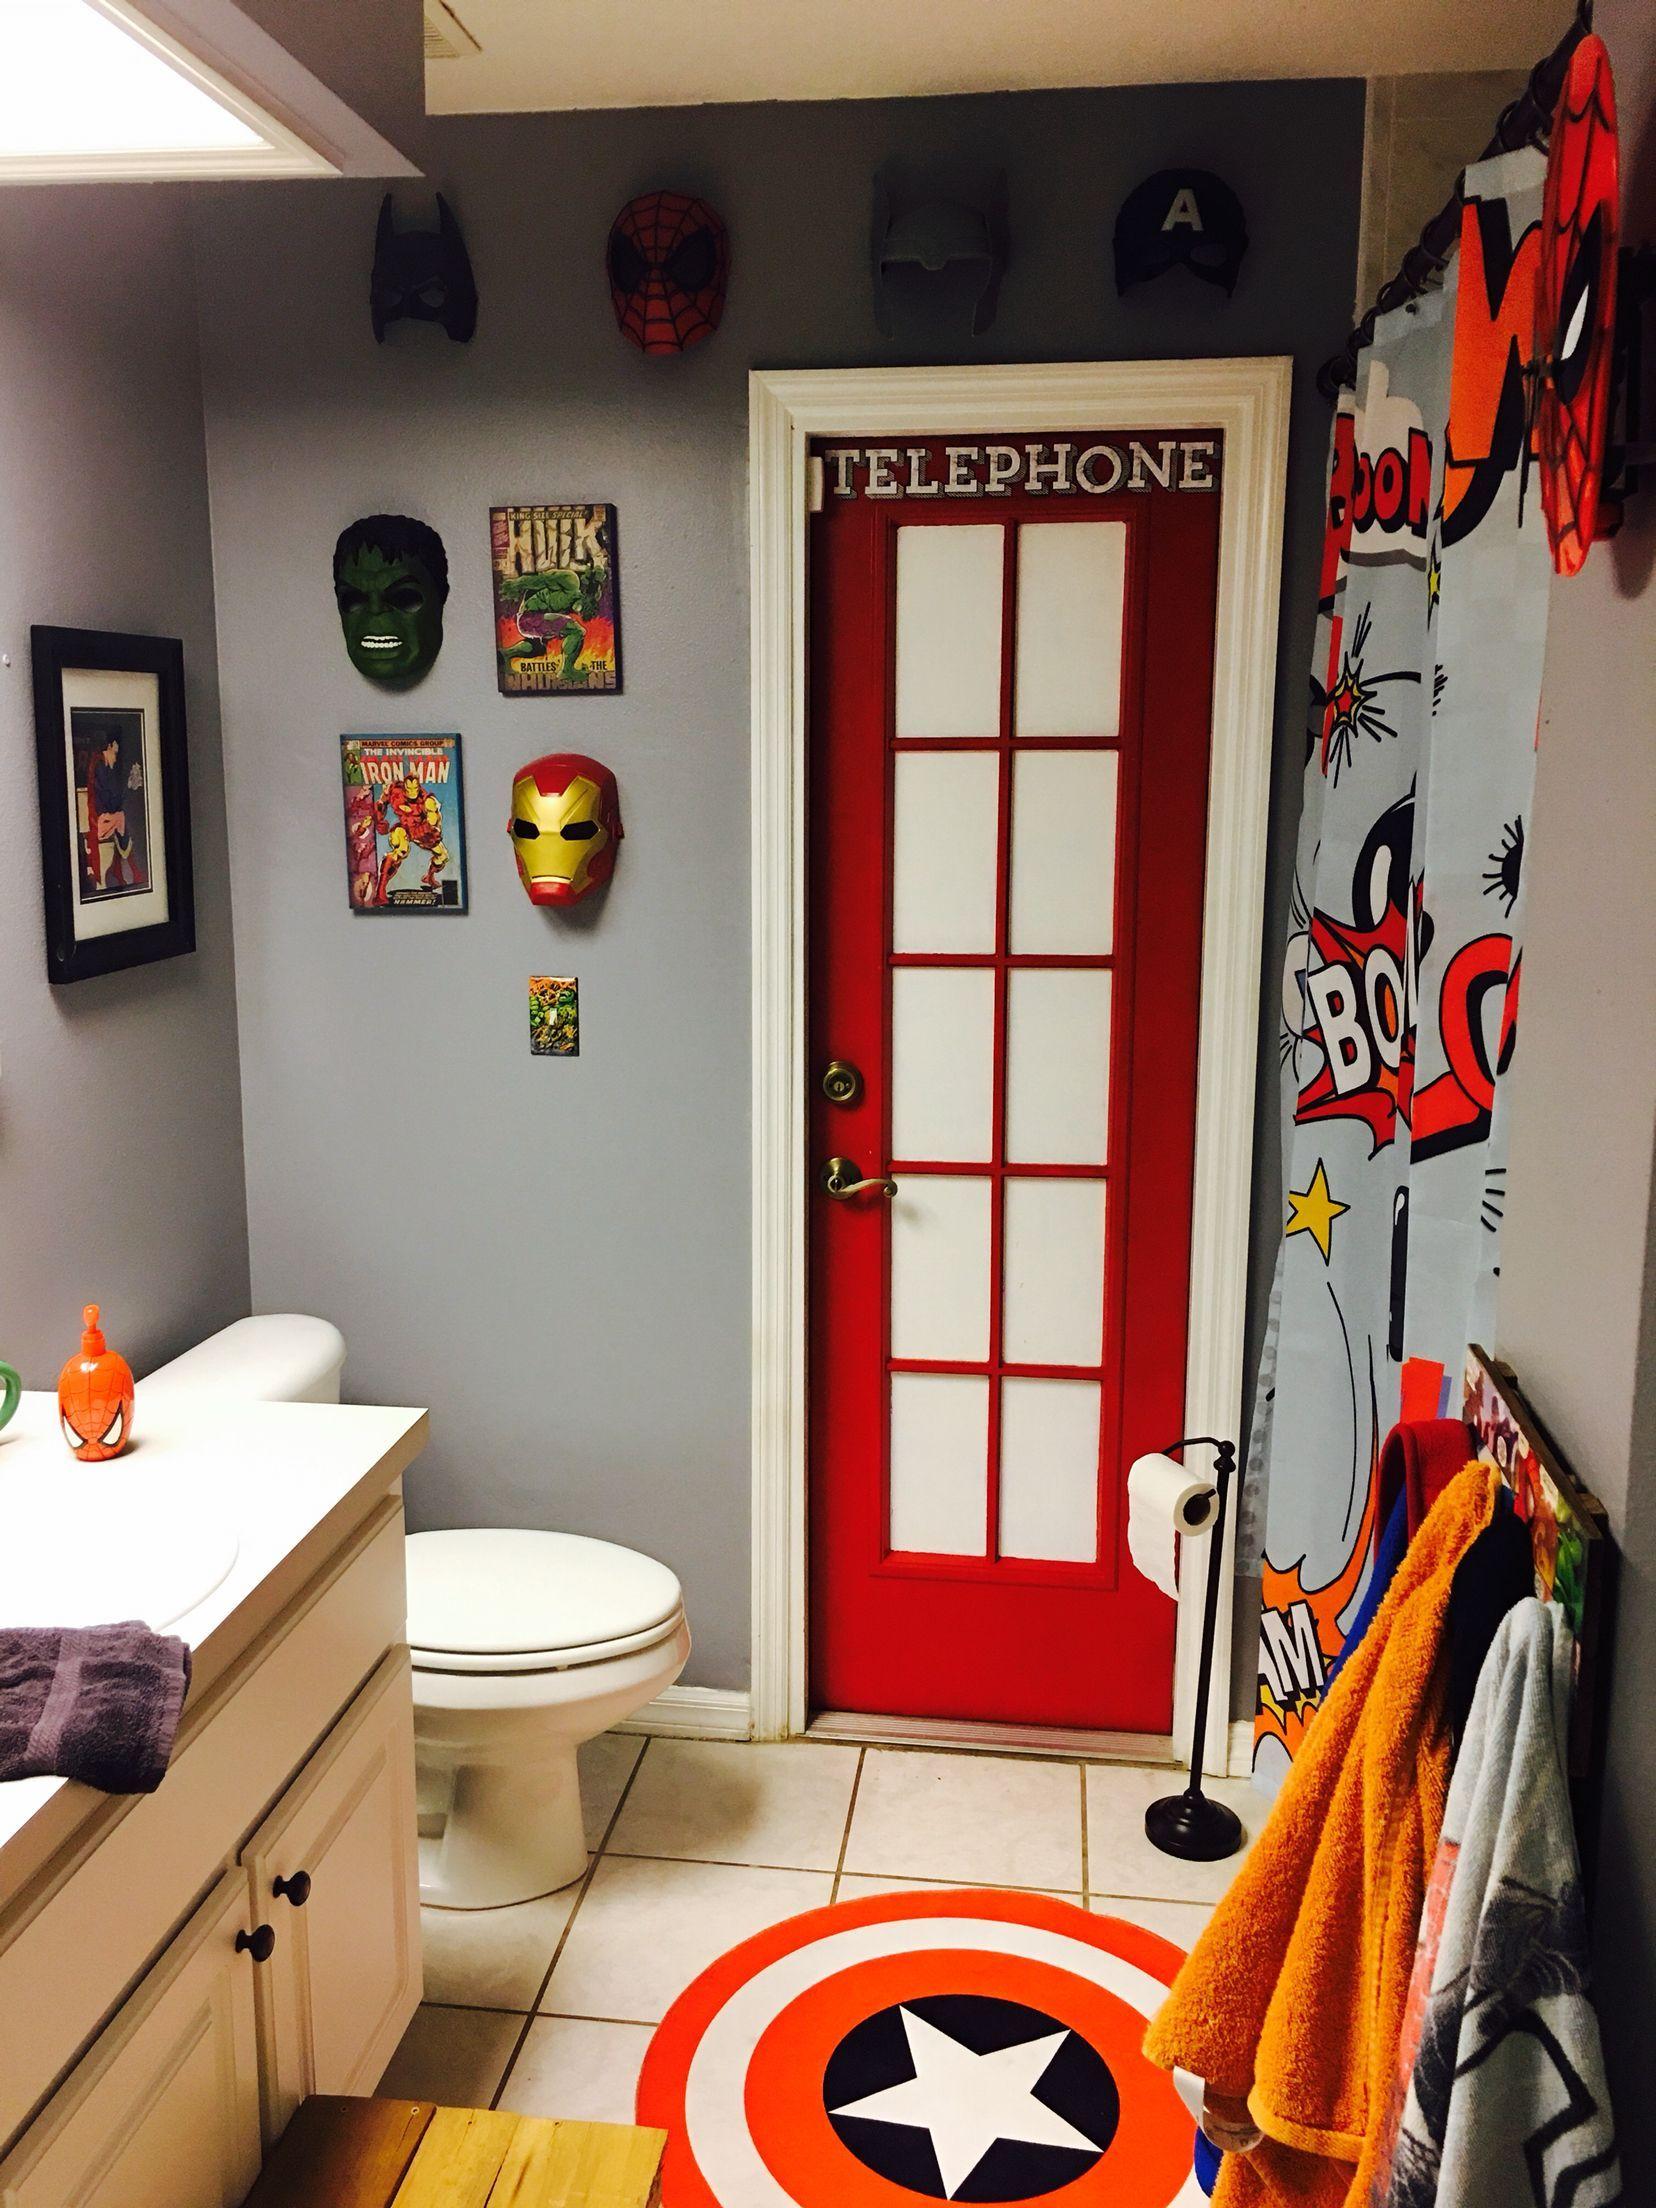 Superman S Phone Booth For A Superhero Bathroom Banos Para Ninas Decorar Habitacion Ninos Habitaciones Para Ninos